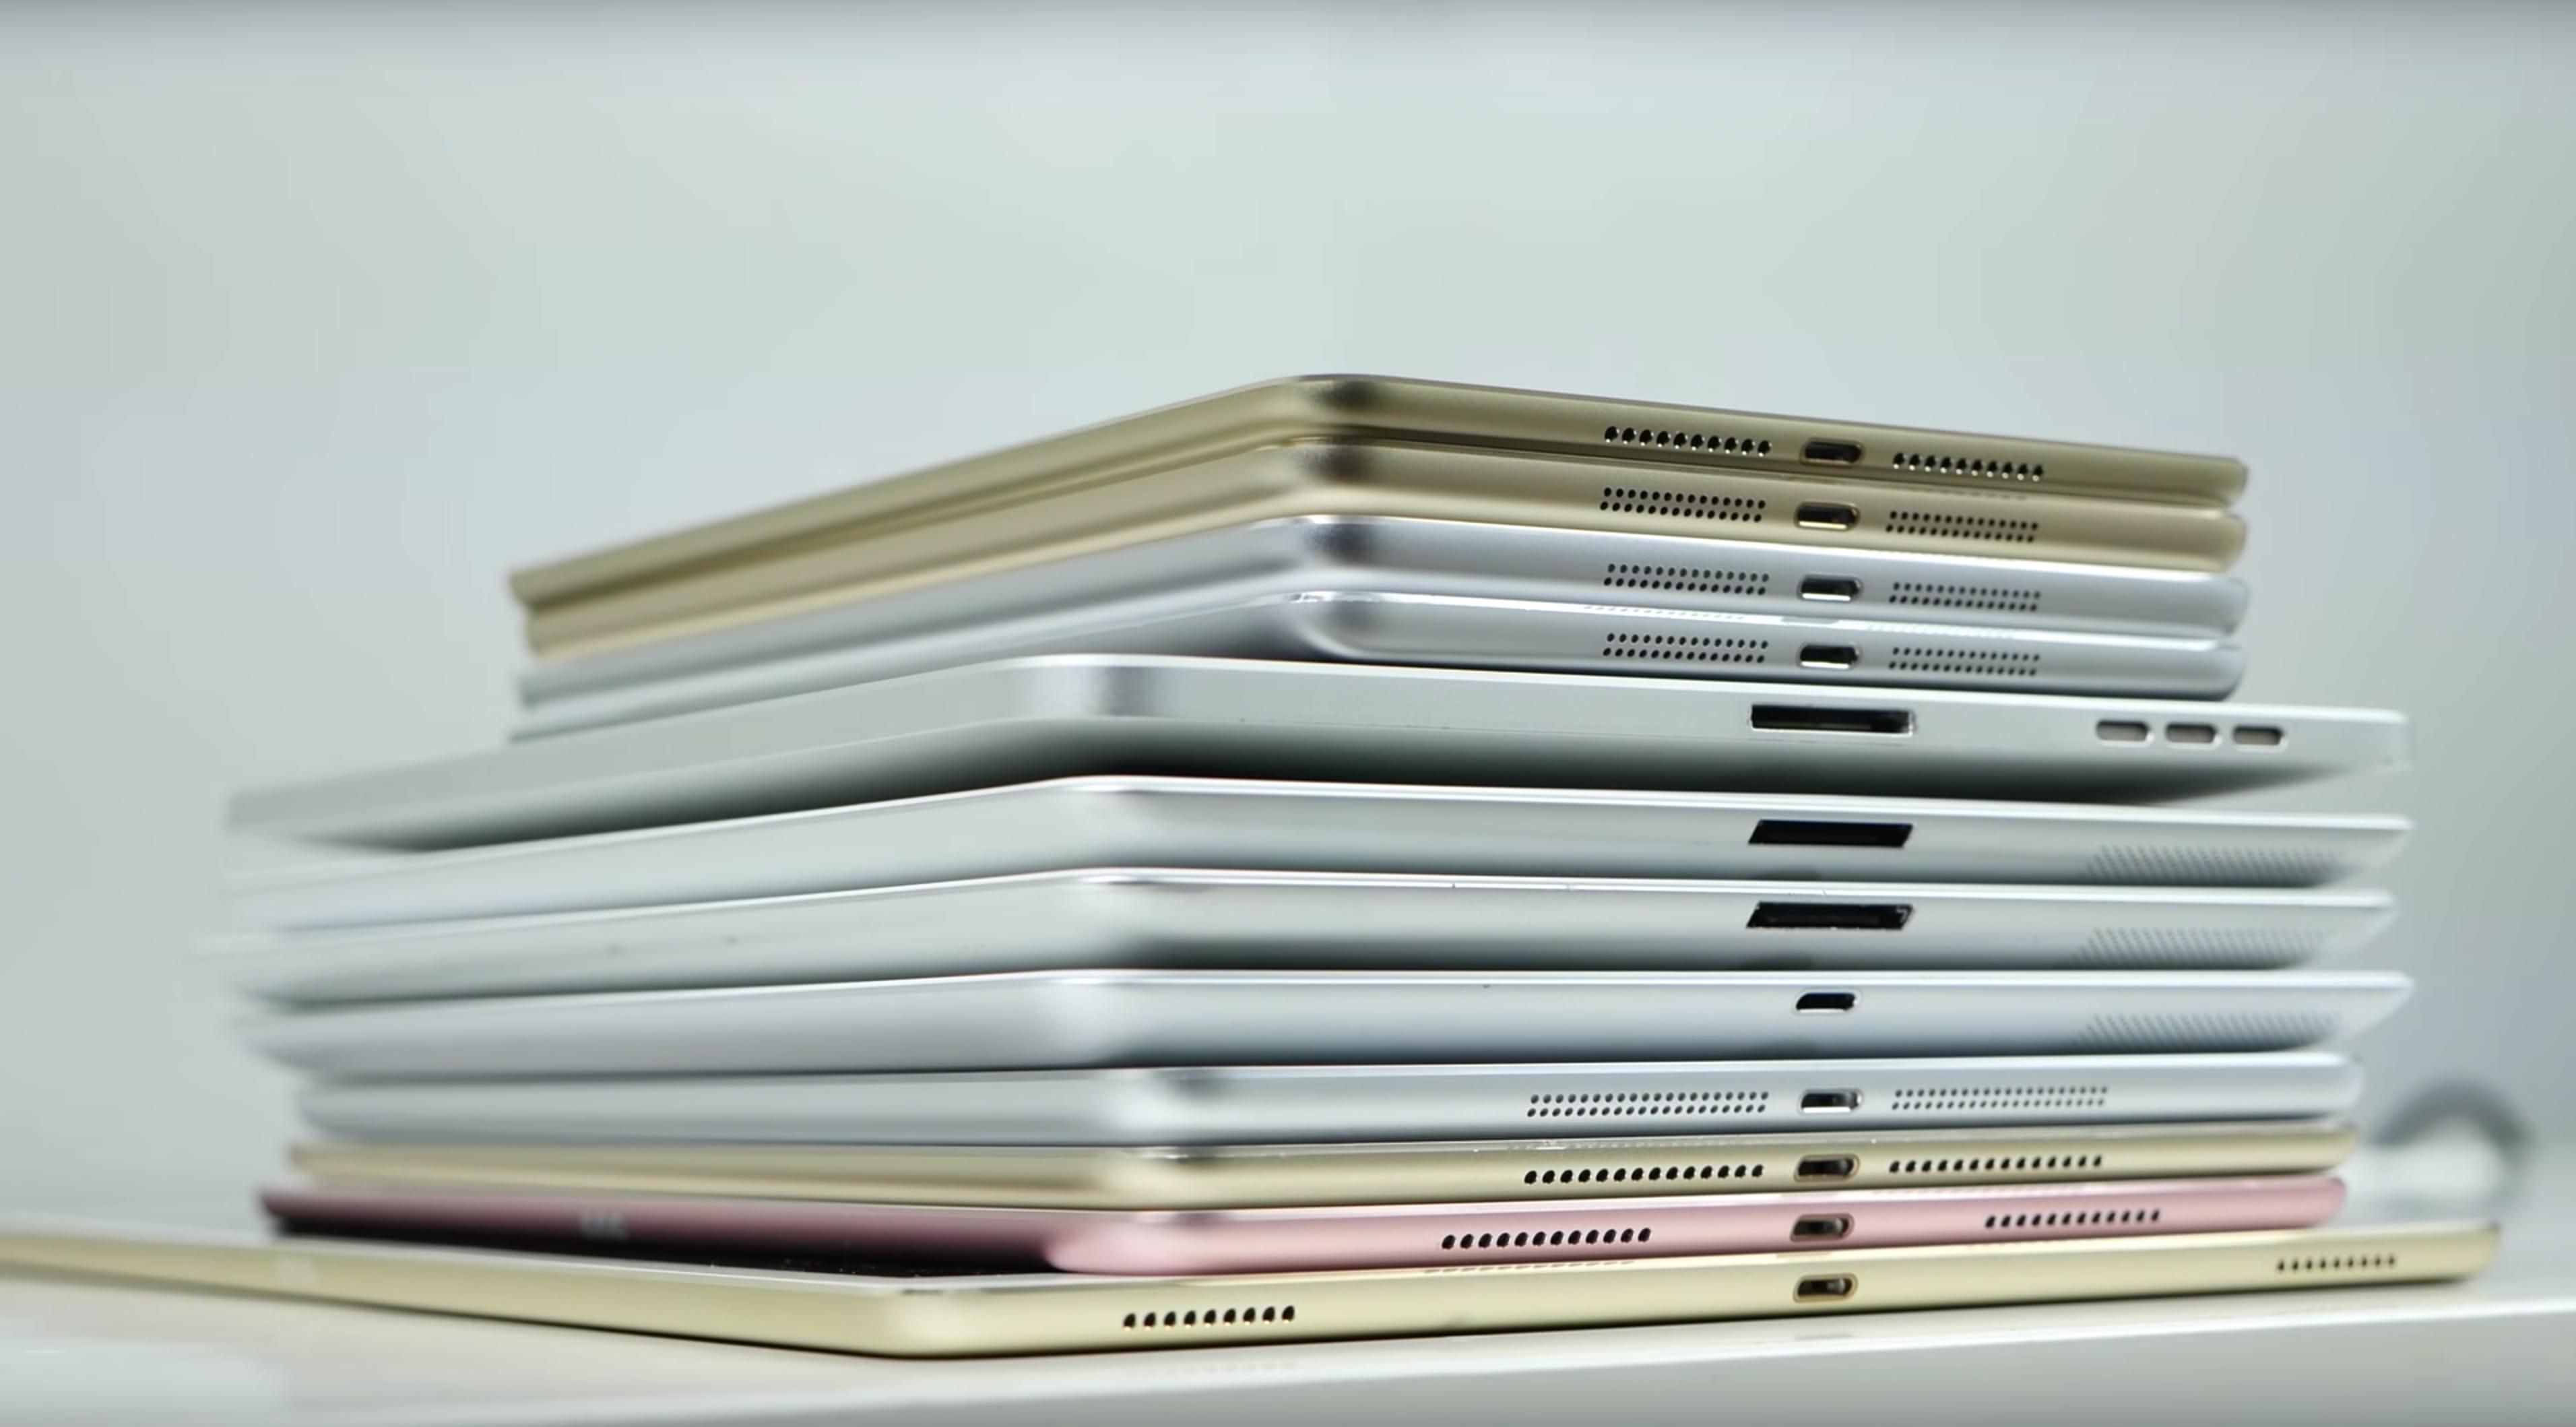 Les 12 iPad d'Apple dans un comparatif géant | iGeneration